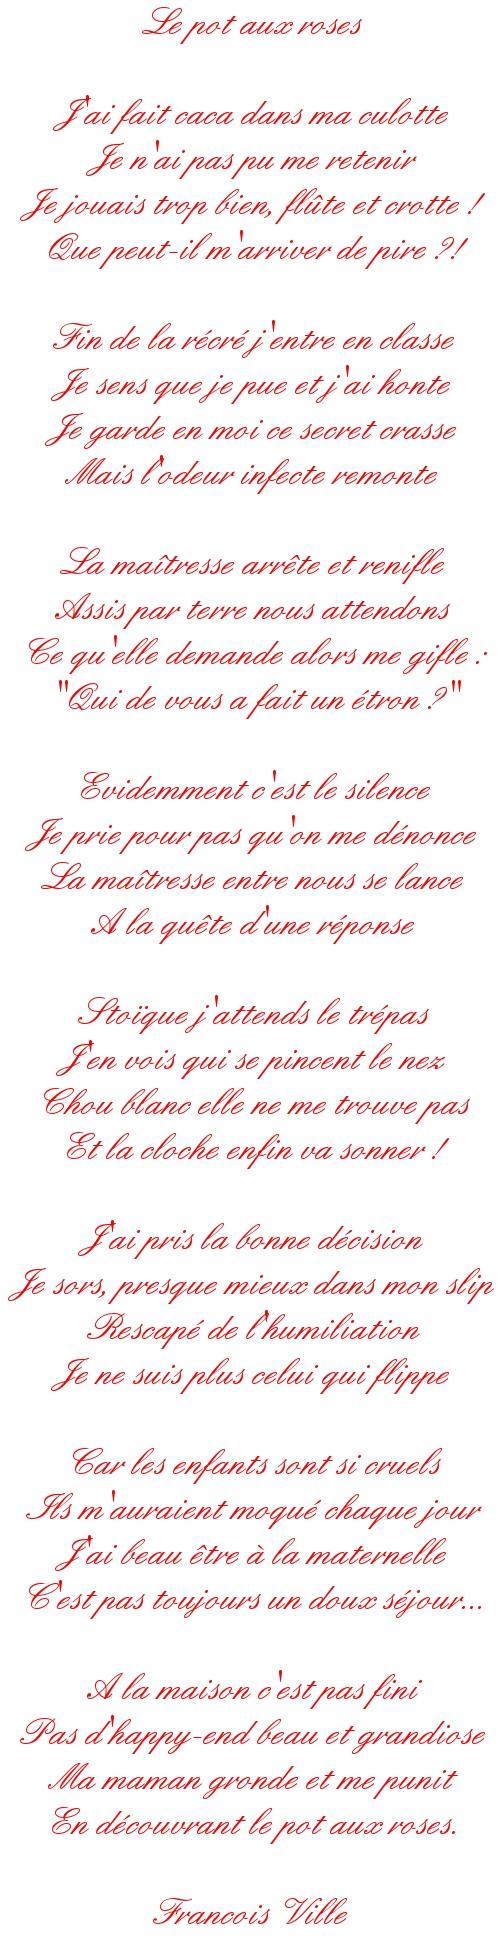 http://francoisville.free.fr/photos/le%20pot%20aux%20roses%20-%20francois%20ville.jpg